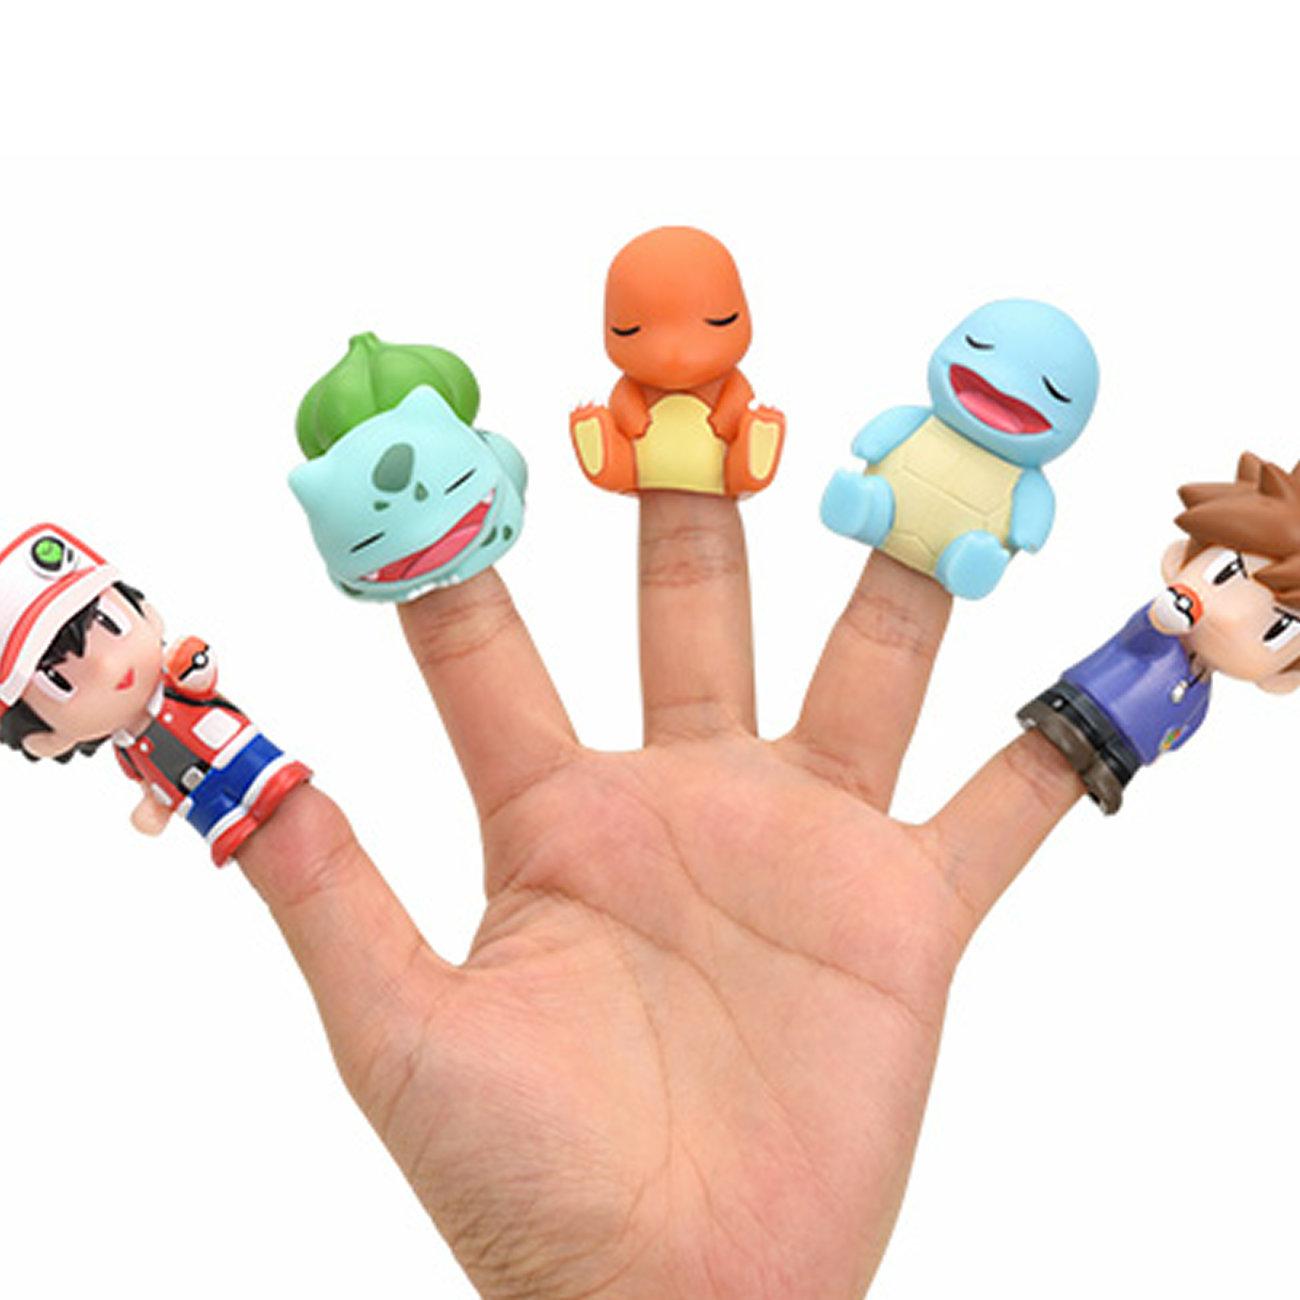 ポケモン指人形レッドとグリーン。初代の御三家